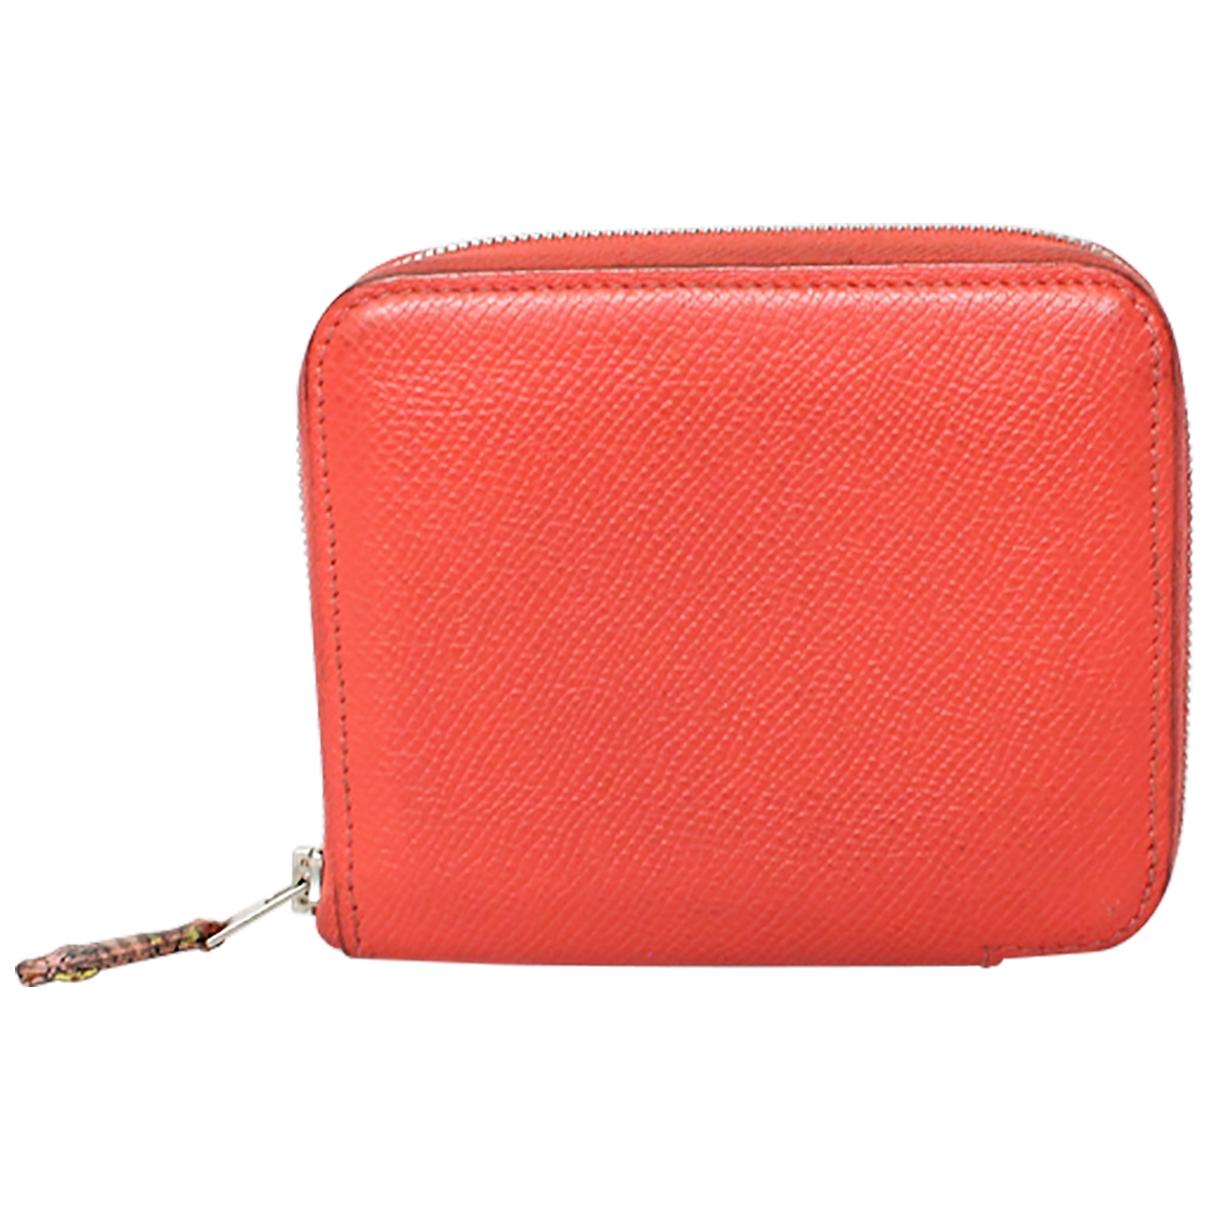 Hermes - Portefeuille Azap pour femme en cuir - orange